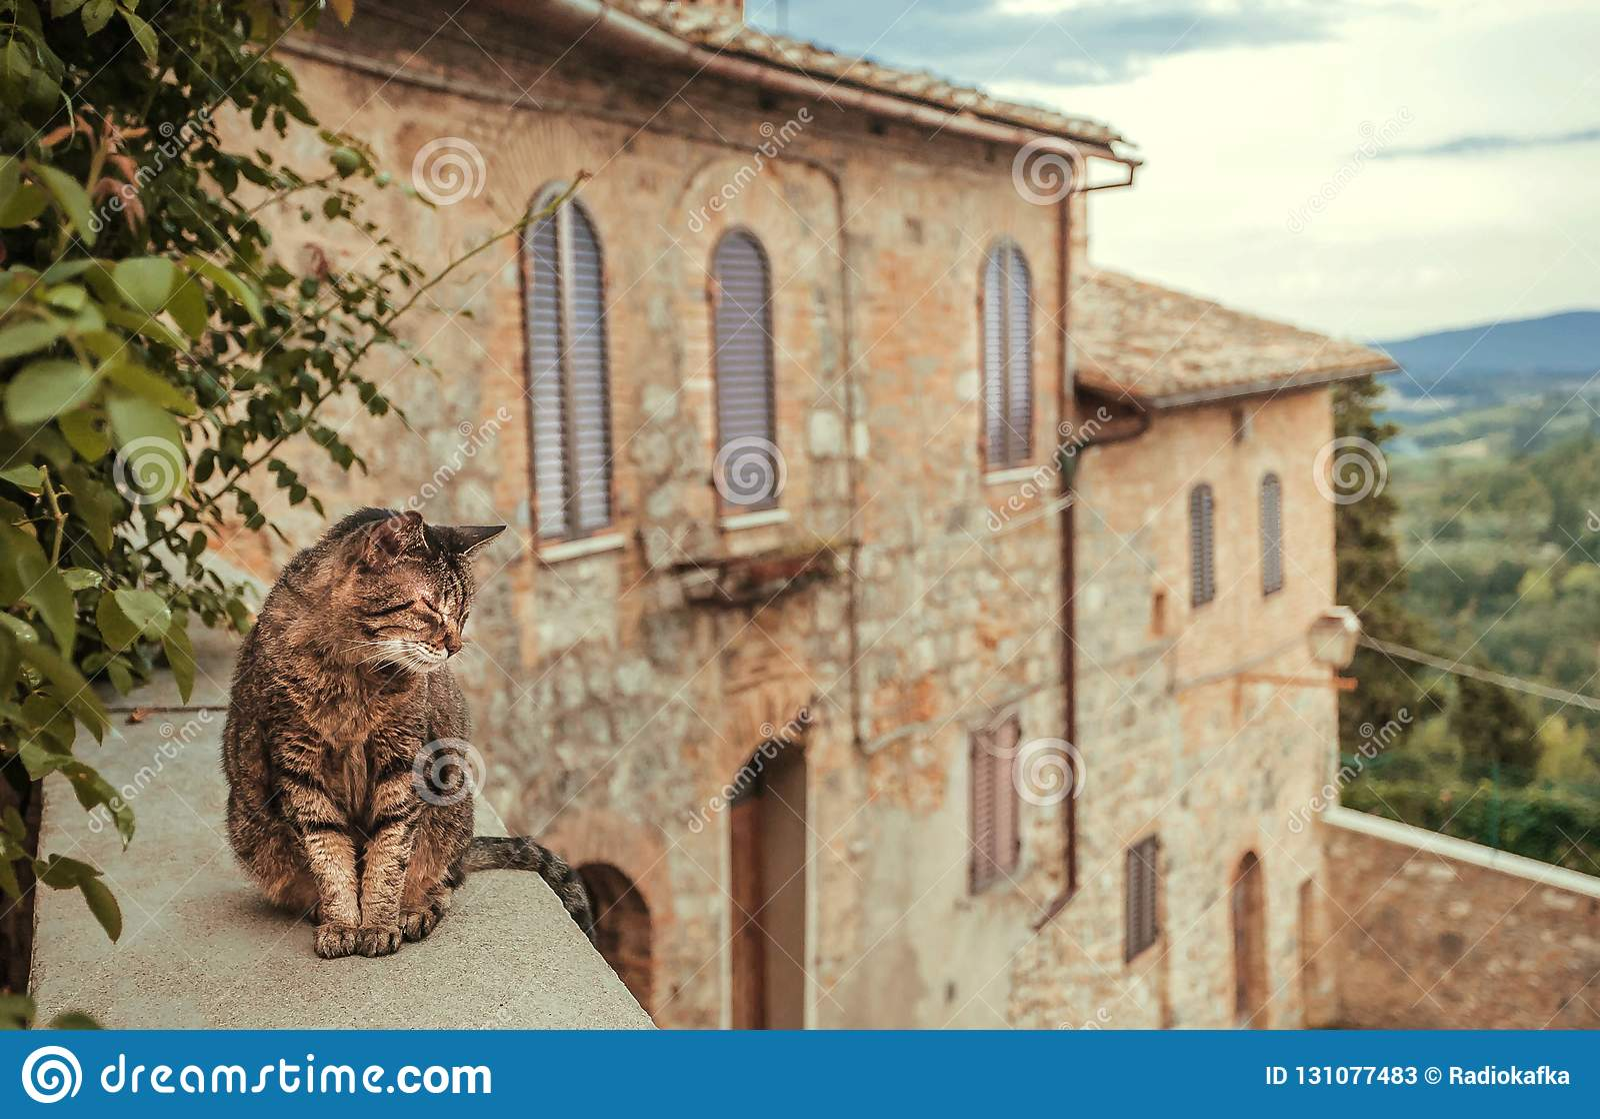 Chat refroidissant la cour intérieure du manoir rural d ot de maison à la soirée Toscane Arbres verts, collines de campagne de l